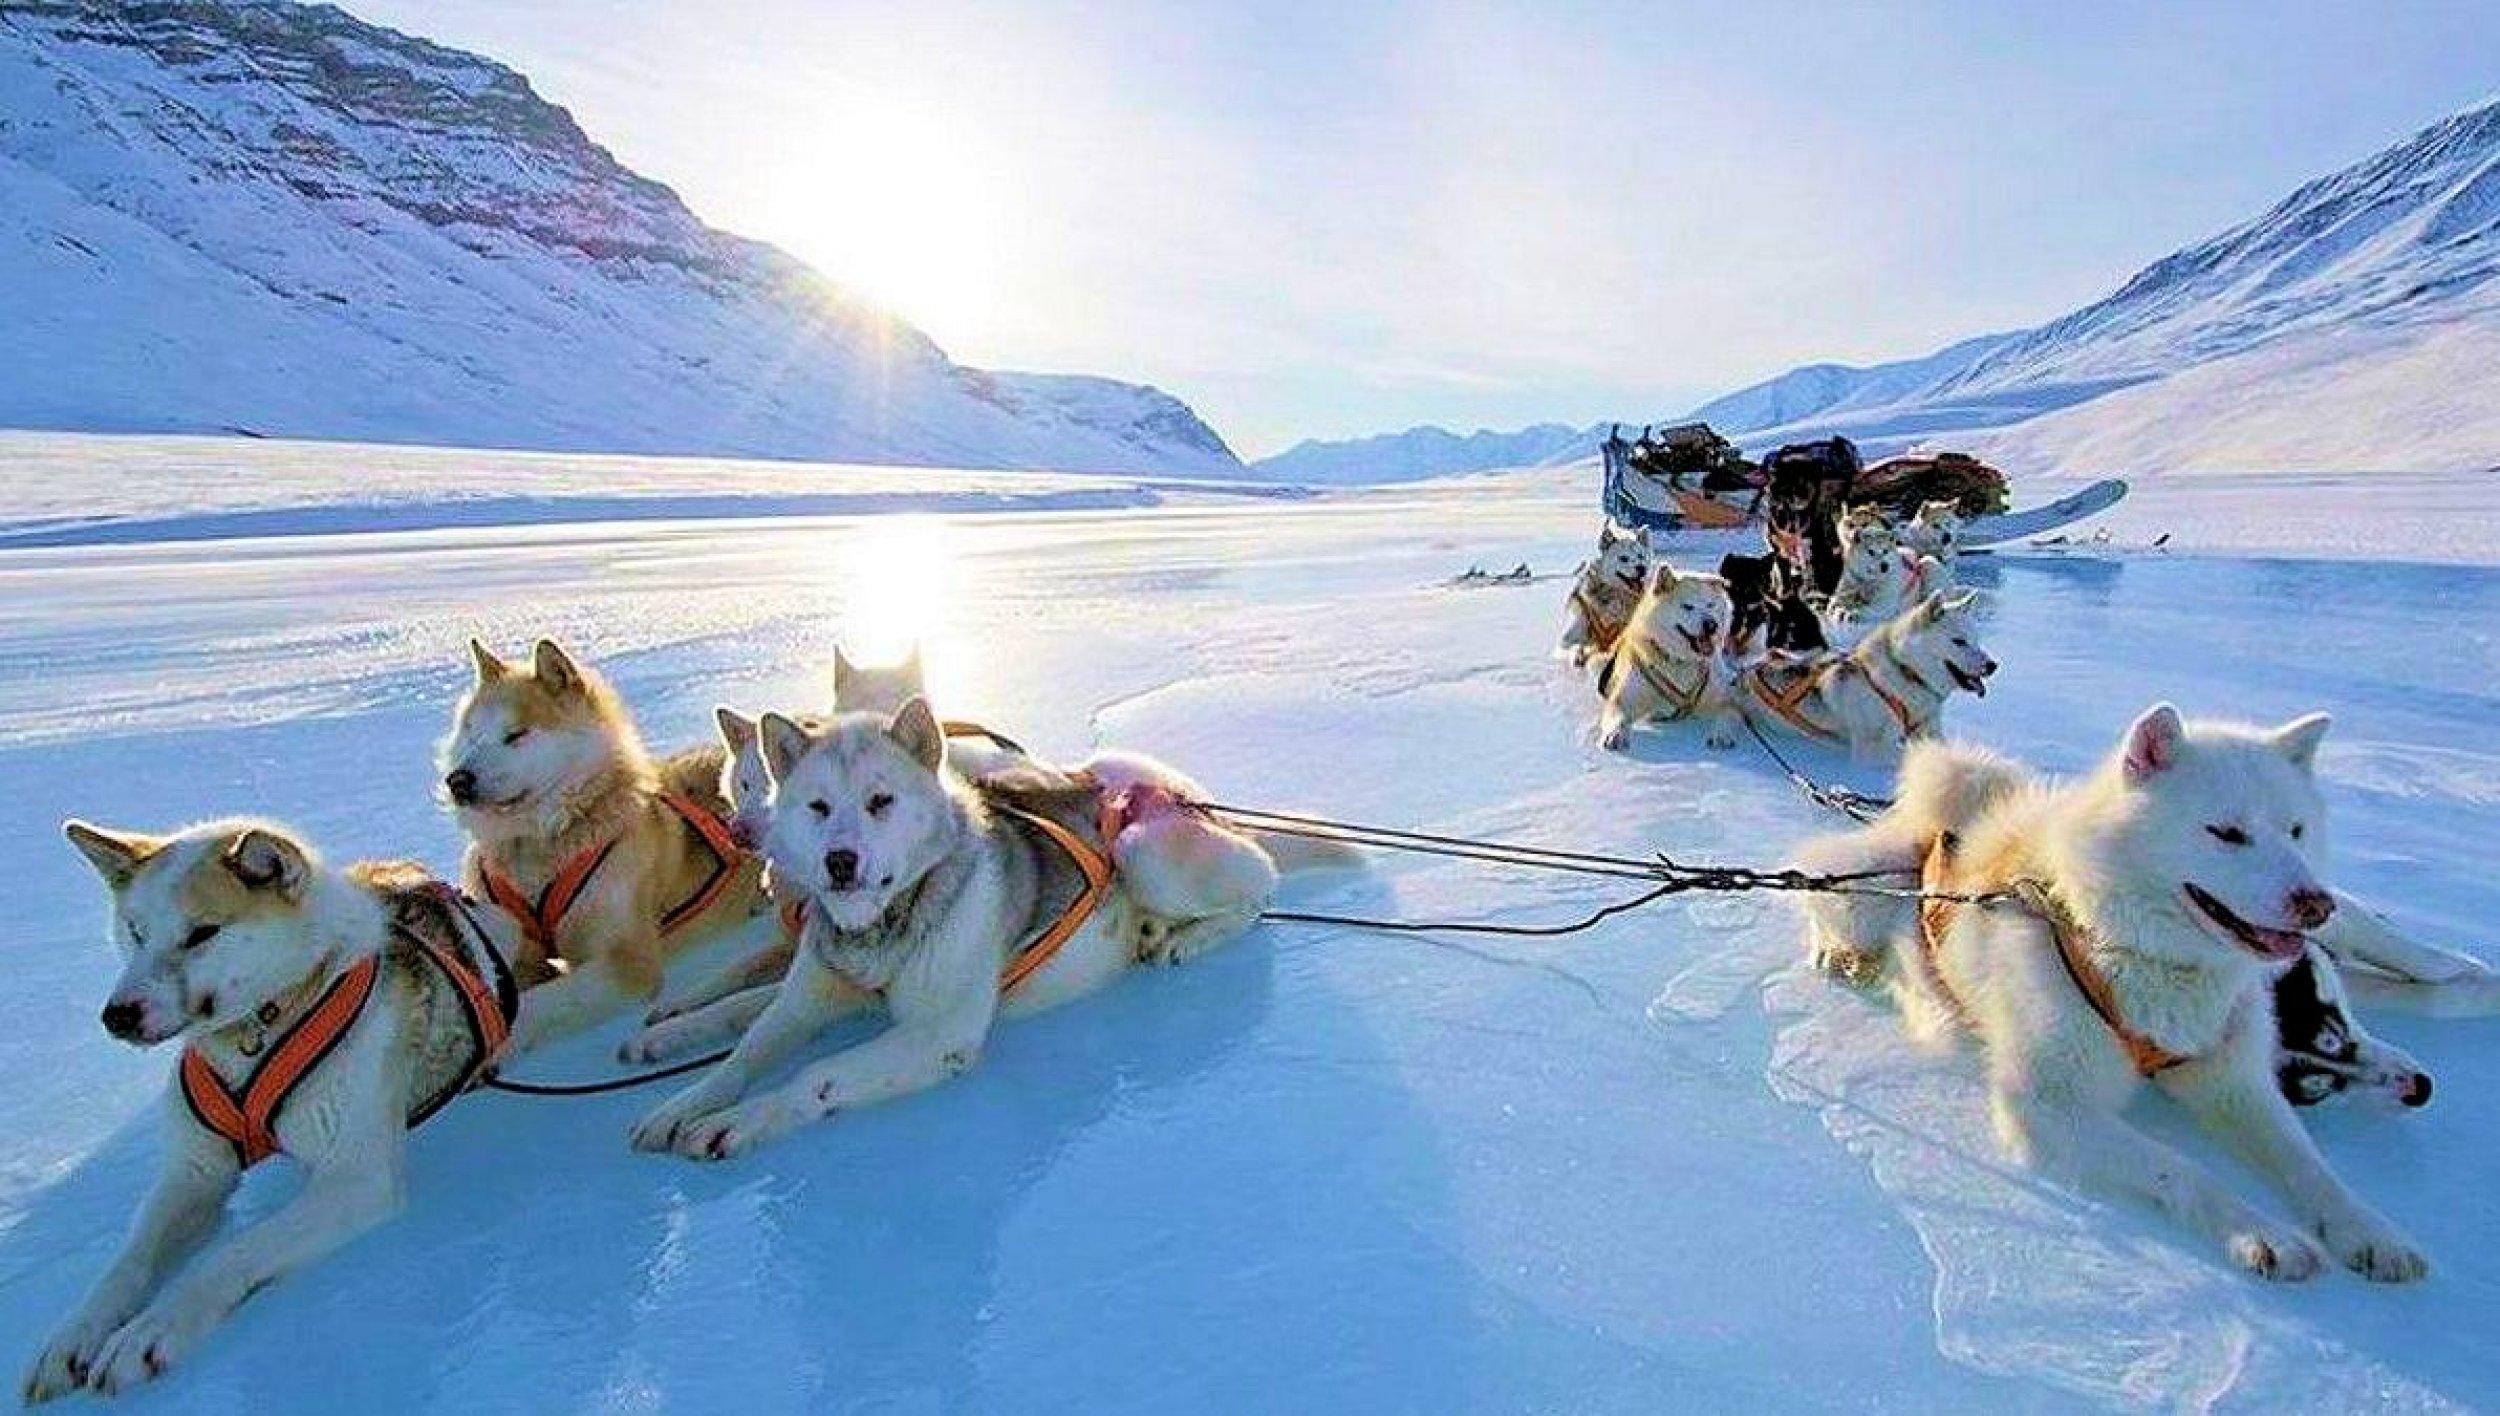 Paul's dog team.